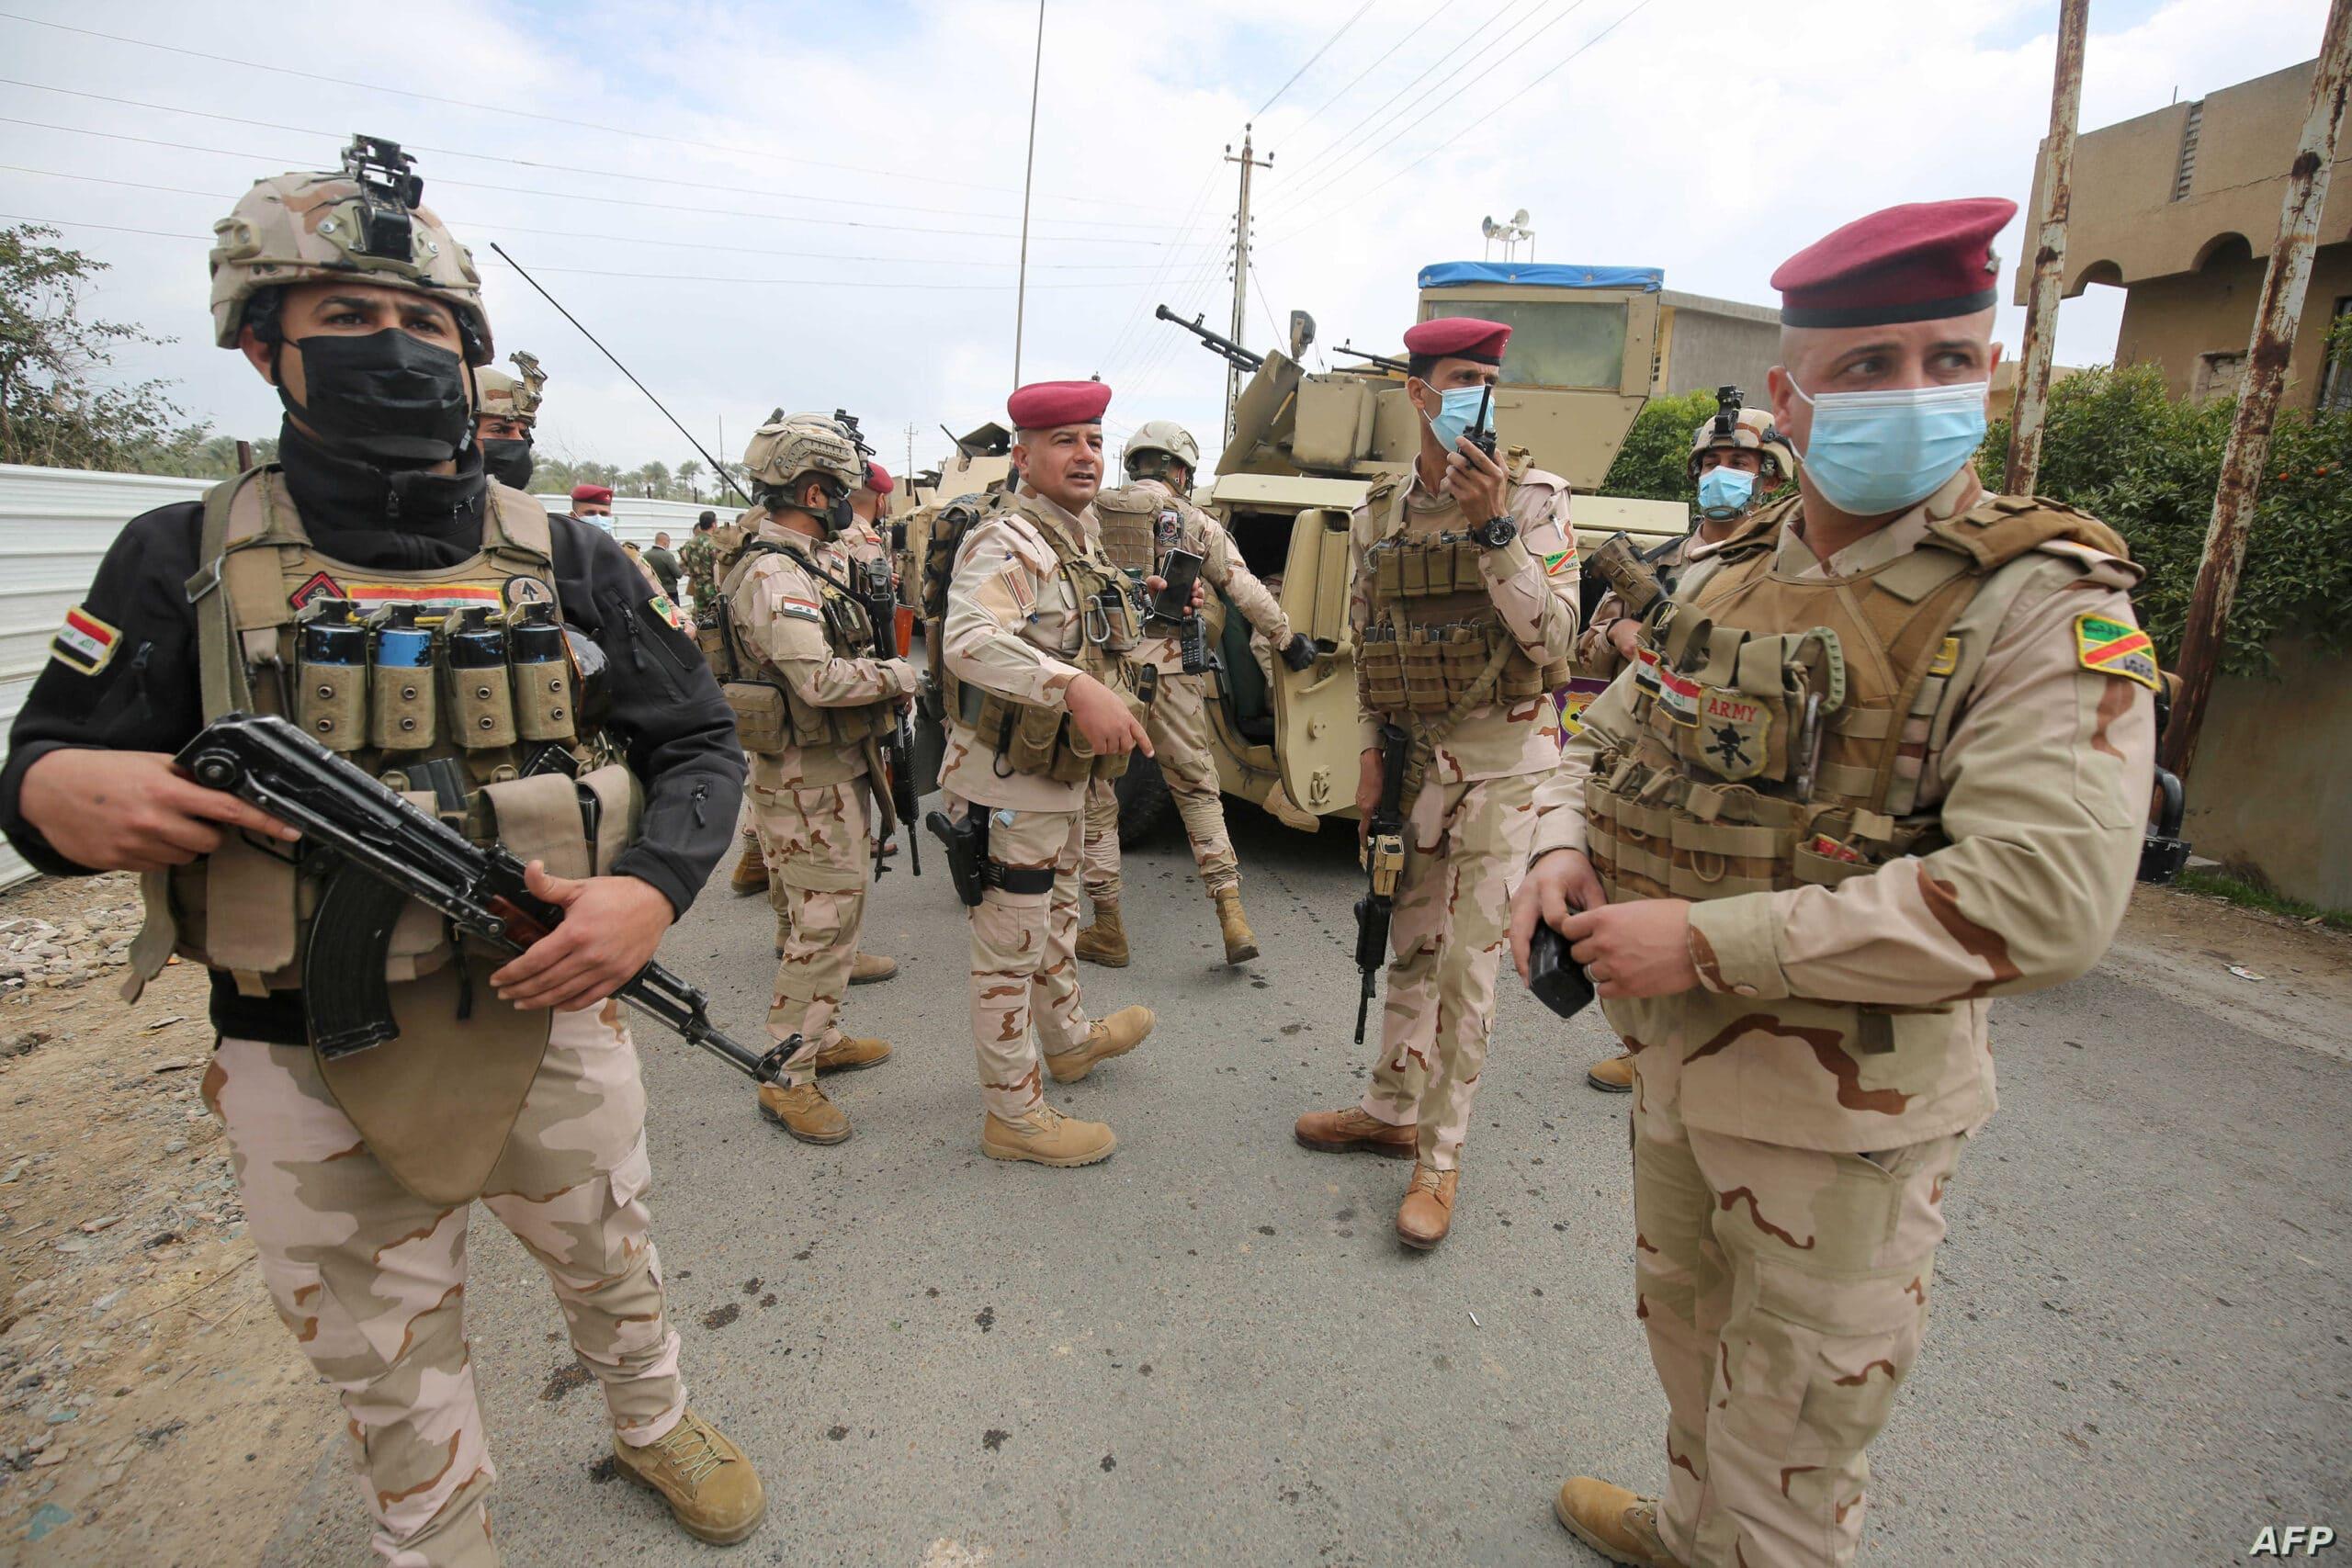 مجهولون يهددون بهدم مرقد الإمام أبو حنيفة النعمان في العراق والسلطات تستنفر قبل التنفيذ (شاهد)